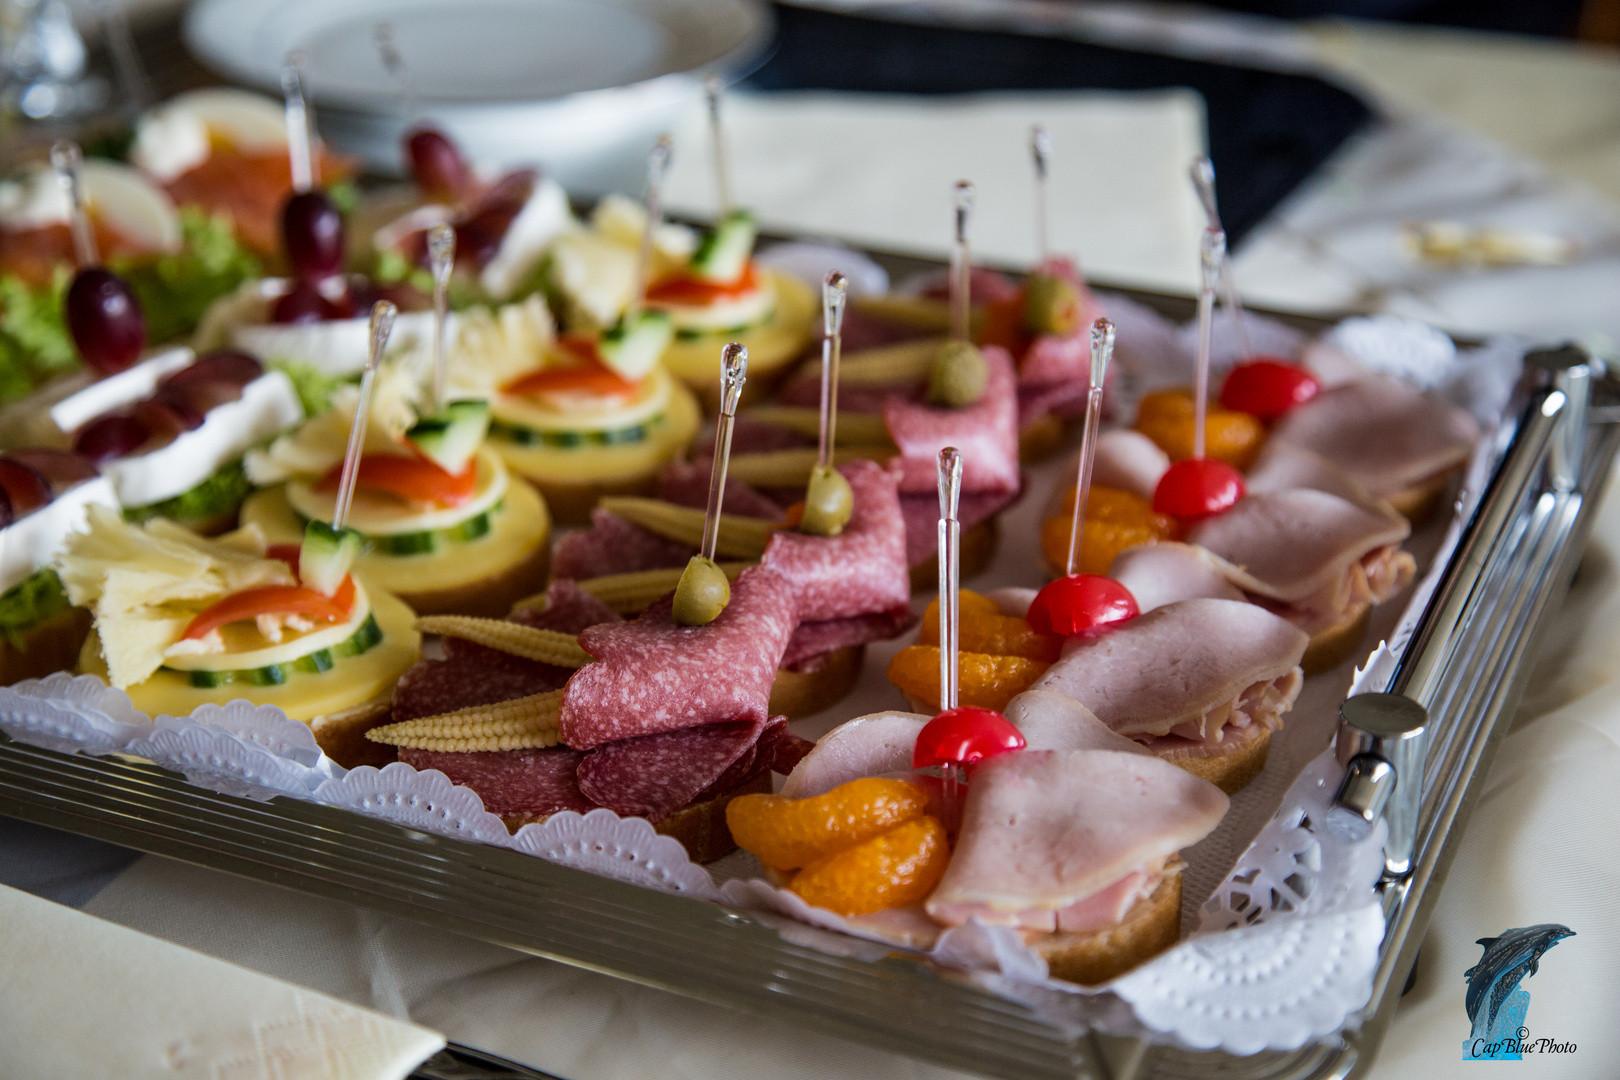 Geburtstagsfeier Essen  Feine Häppchen zum Jubiläum Geburtstagsfeier Foto & Bild